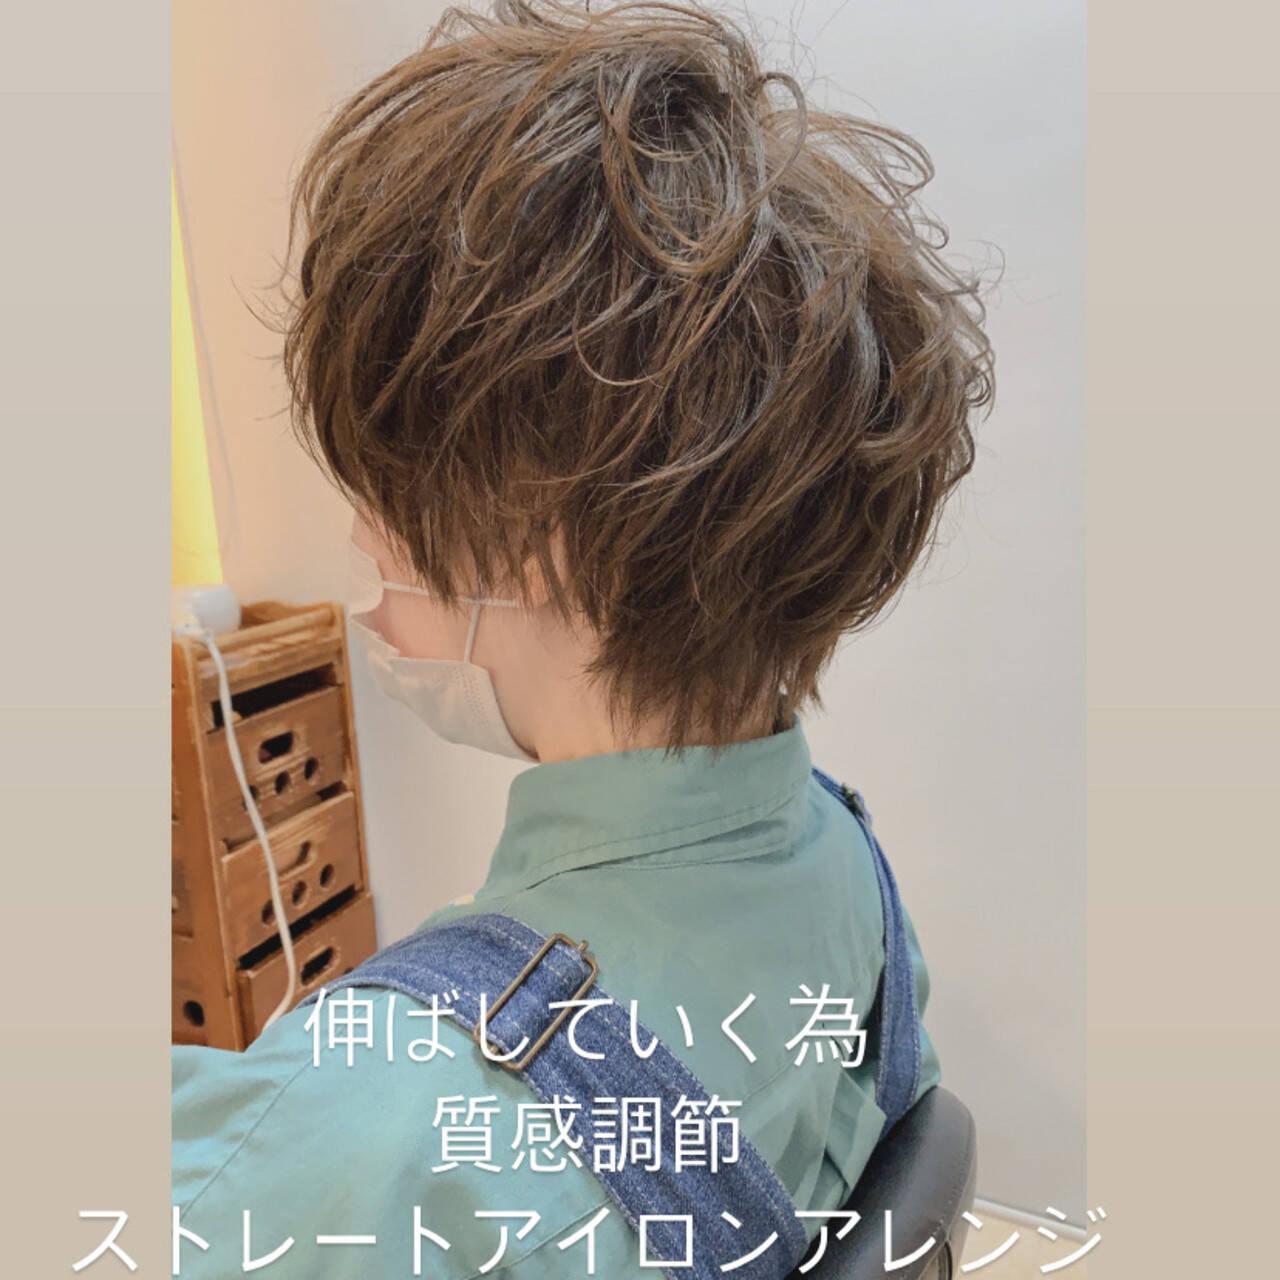 ベリーショート ナチュラル ショートボブ ウルフカットヘアスタイルや髪型の写真・画像